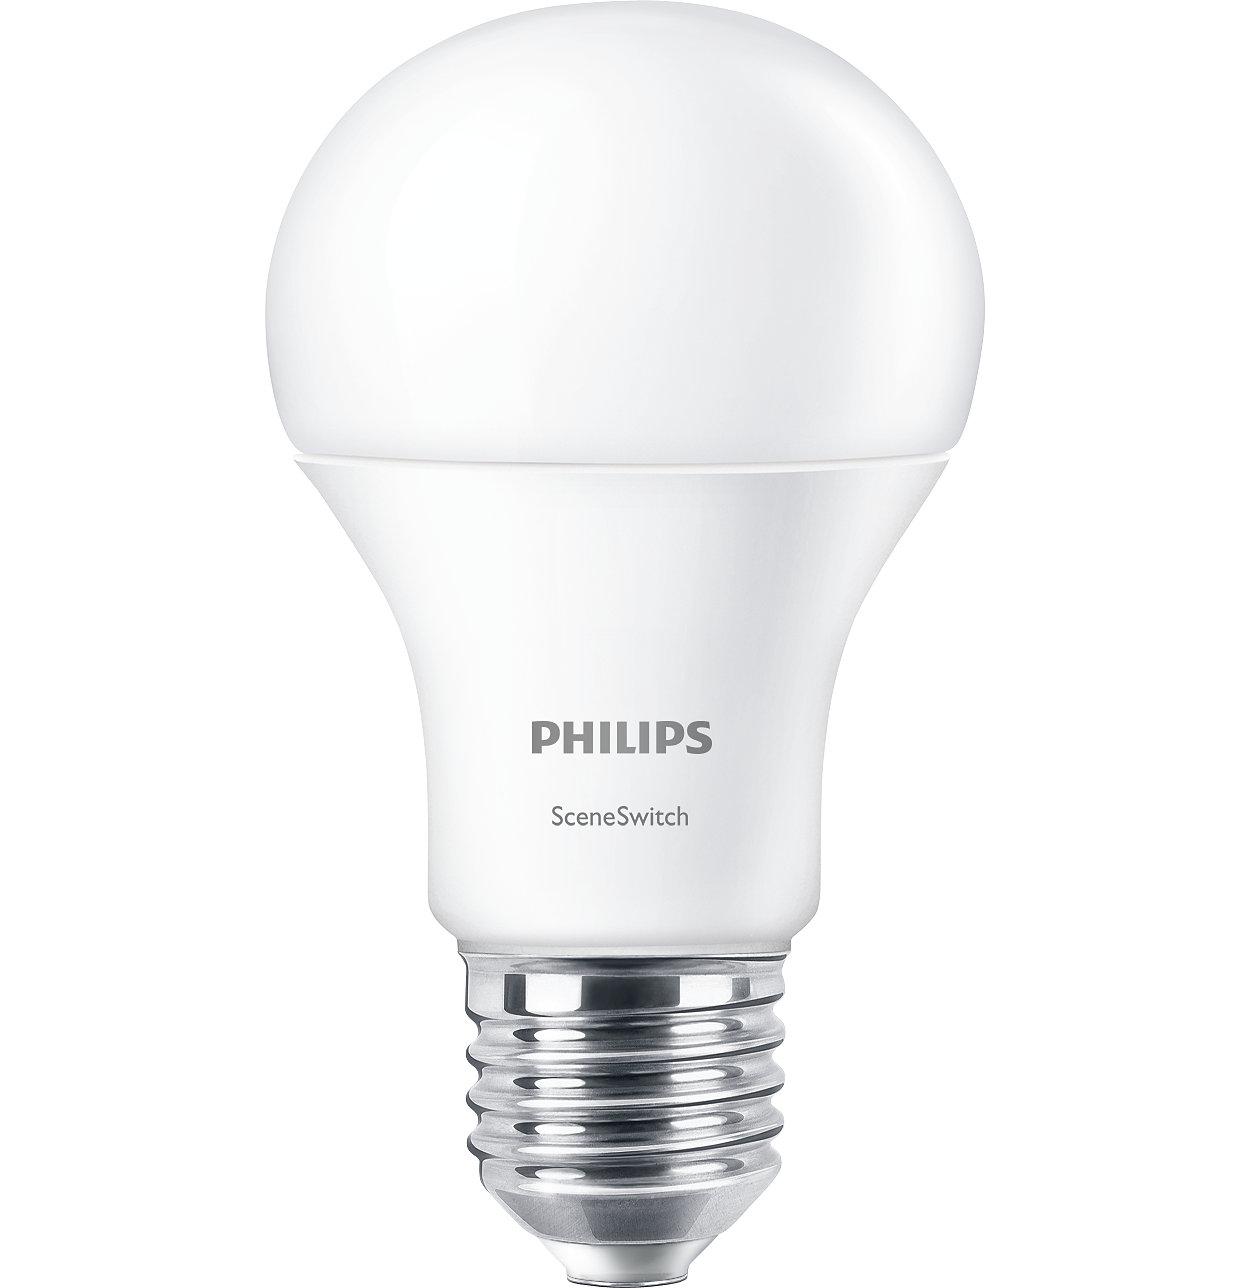 Cambiá la configuración de la luz sin cambiar las lámparas